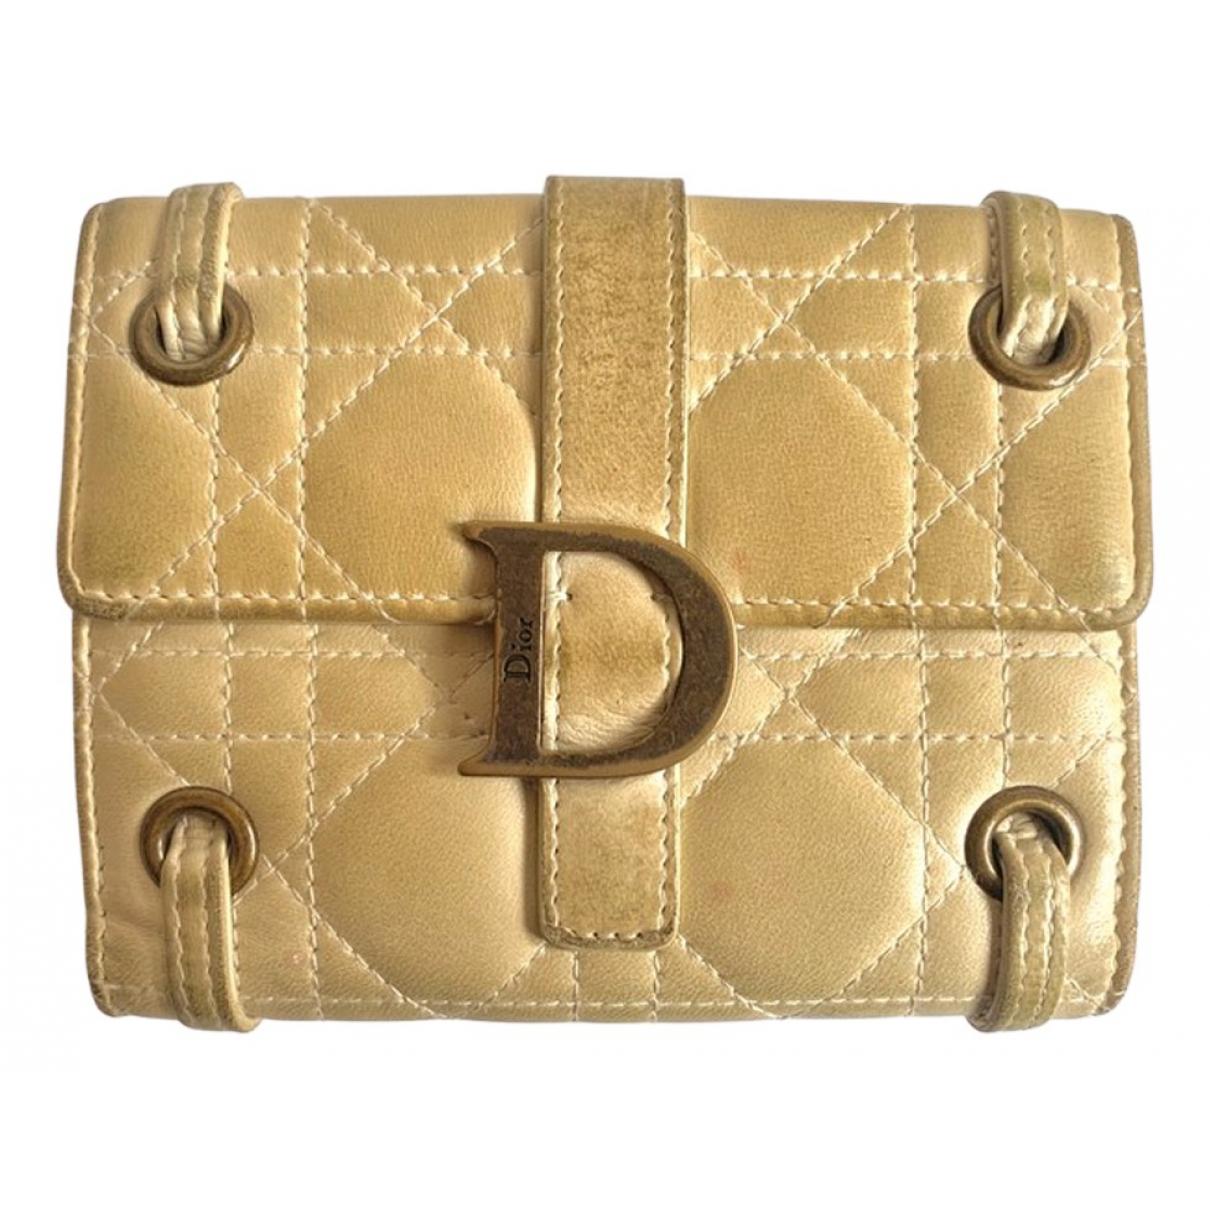 Dior - Portefeuille   pour femme en cuir - beige